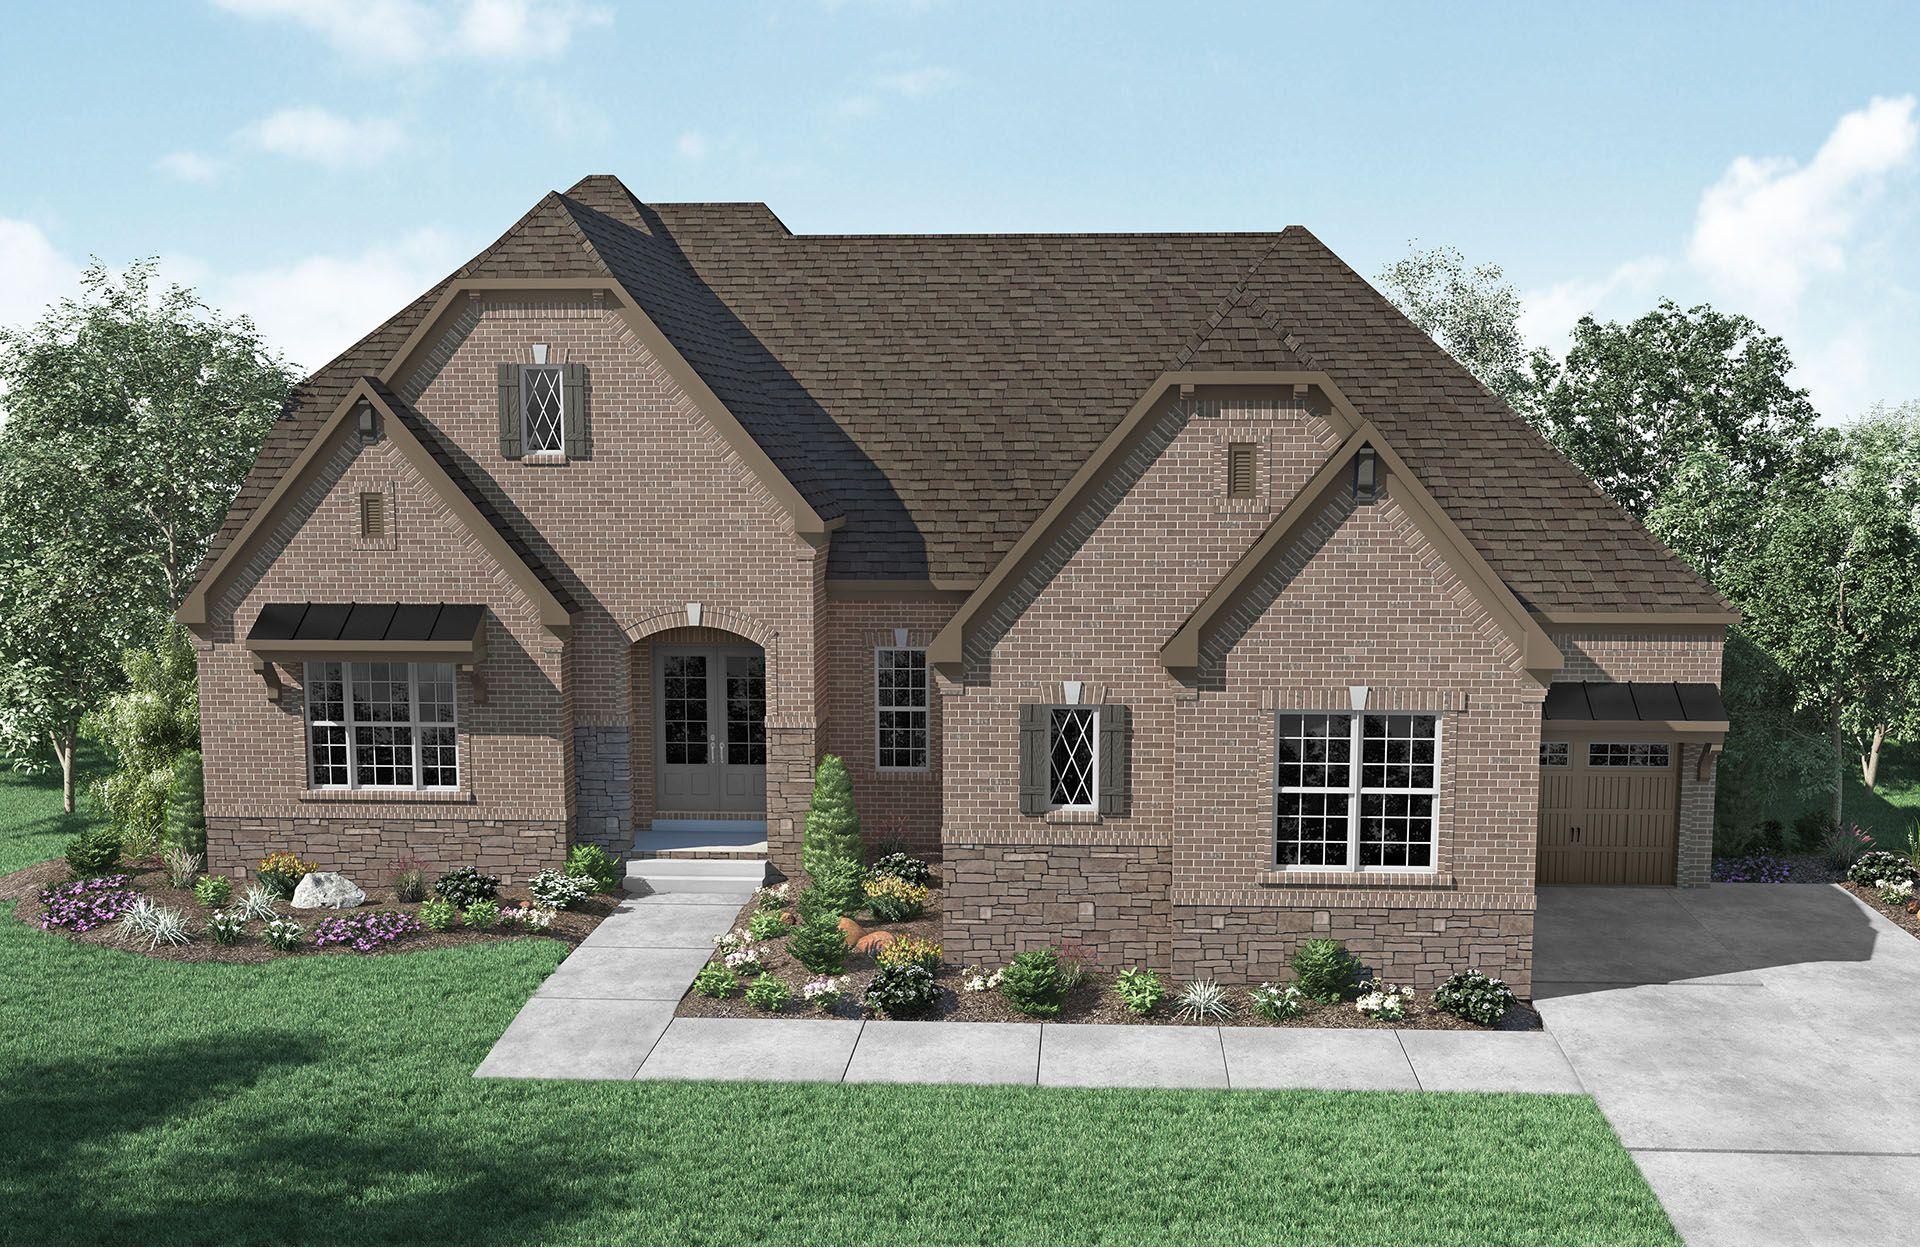 单亲家庭 为 销售 在 Asher - Camden 108 Telfair Lane Nolensville, Tennessee 37135 United States